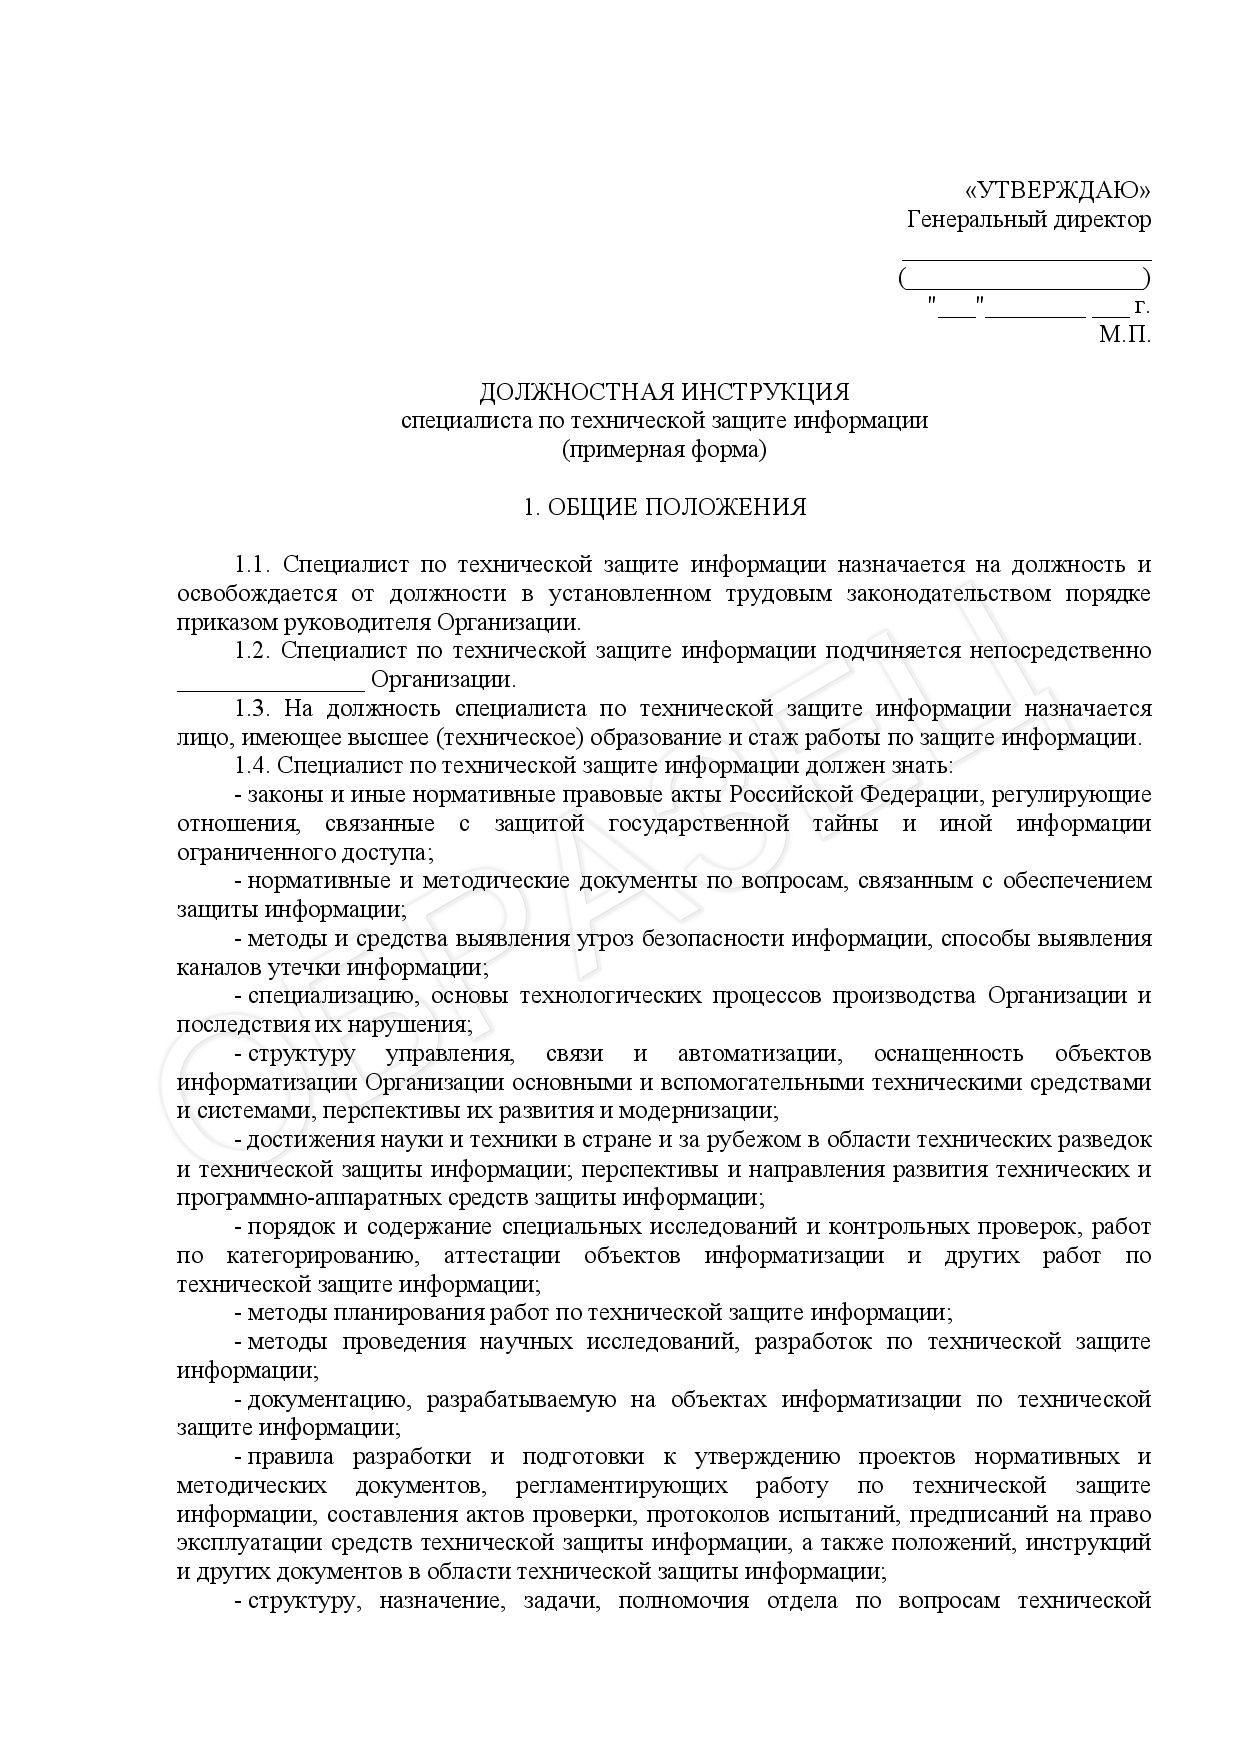 Должностная инструкция начальника технического отдела